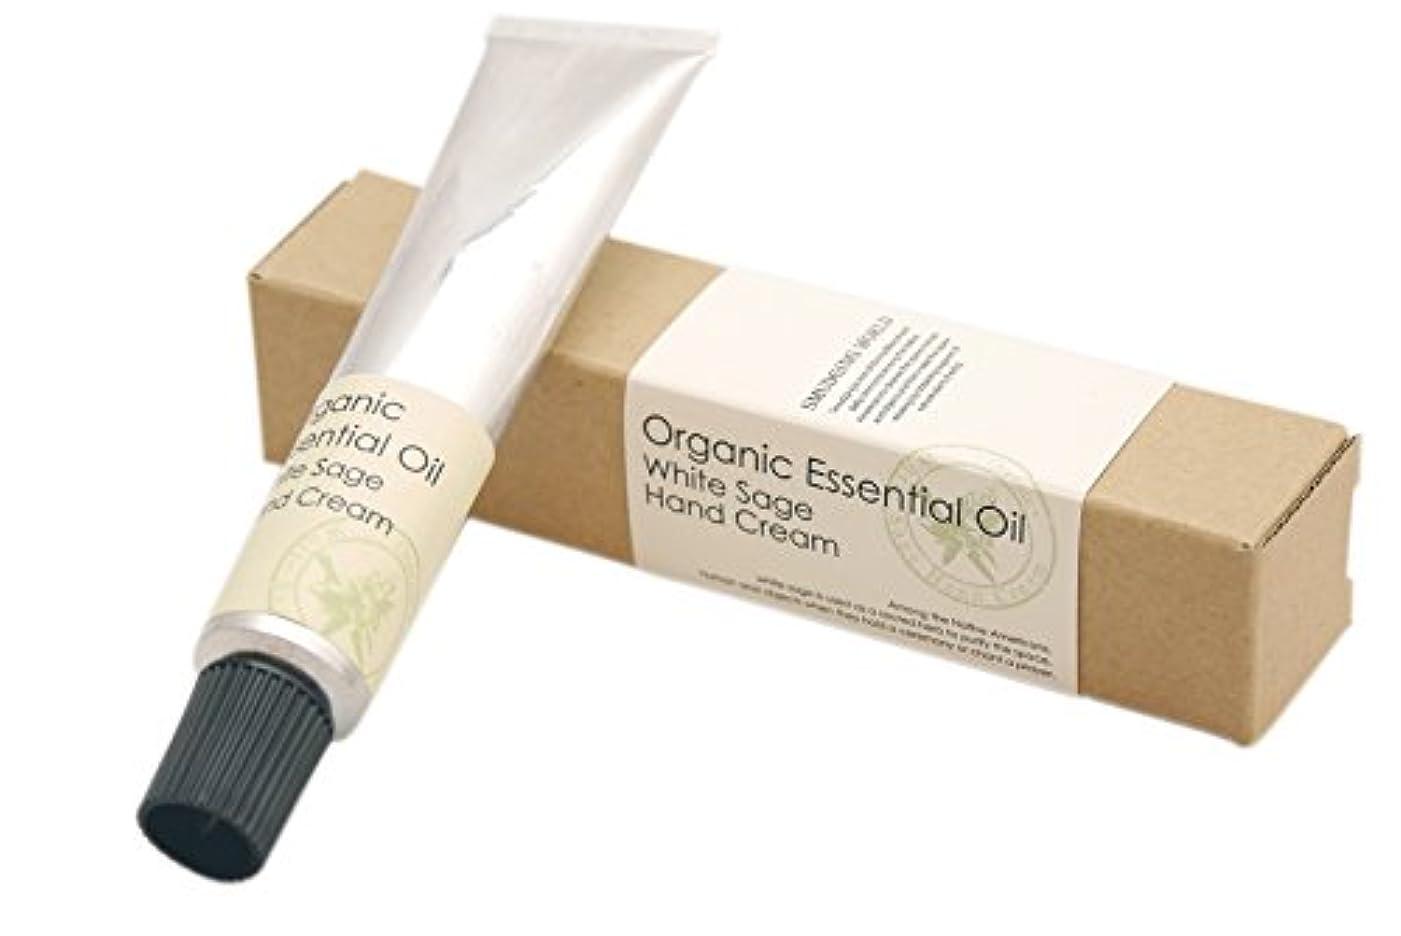 ブレーキ十億日帰り旅行にアロマレコルト ハンドクリーム ホワイトセージ 【White Sage】 オーガニック エッセンシャルオイル organic essential oil hand cream arome recolte